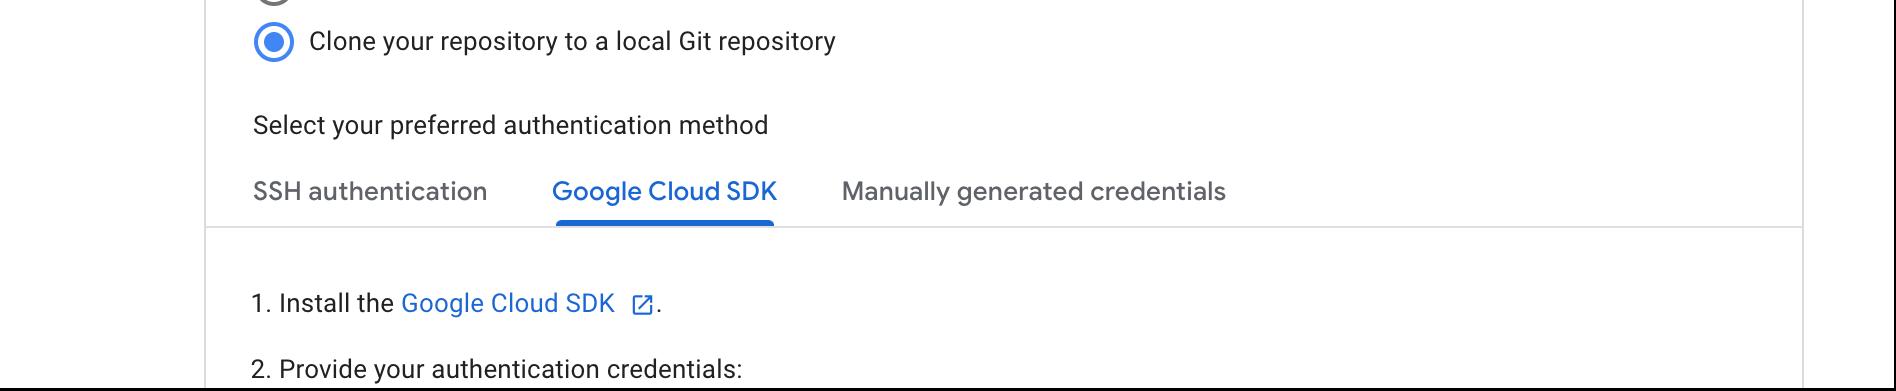 Sigue las instrucciones para clonar el repositorio en un repositorio de Git local